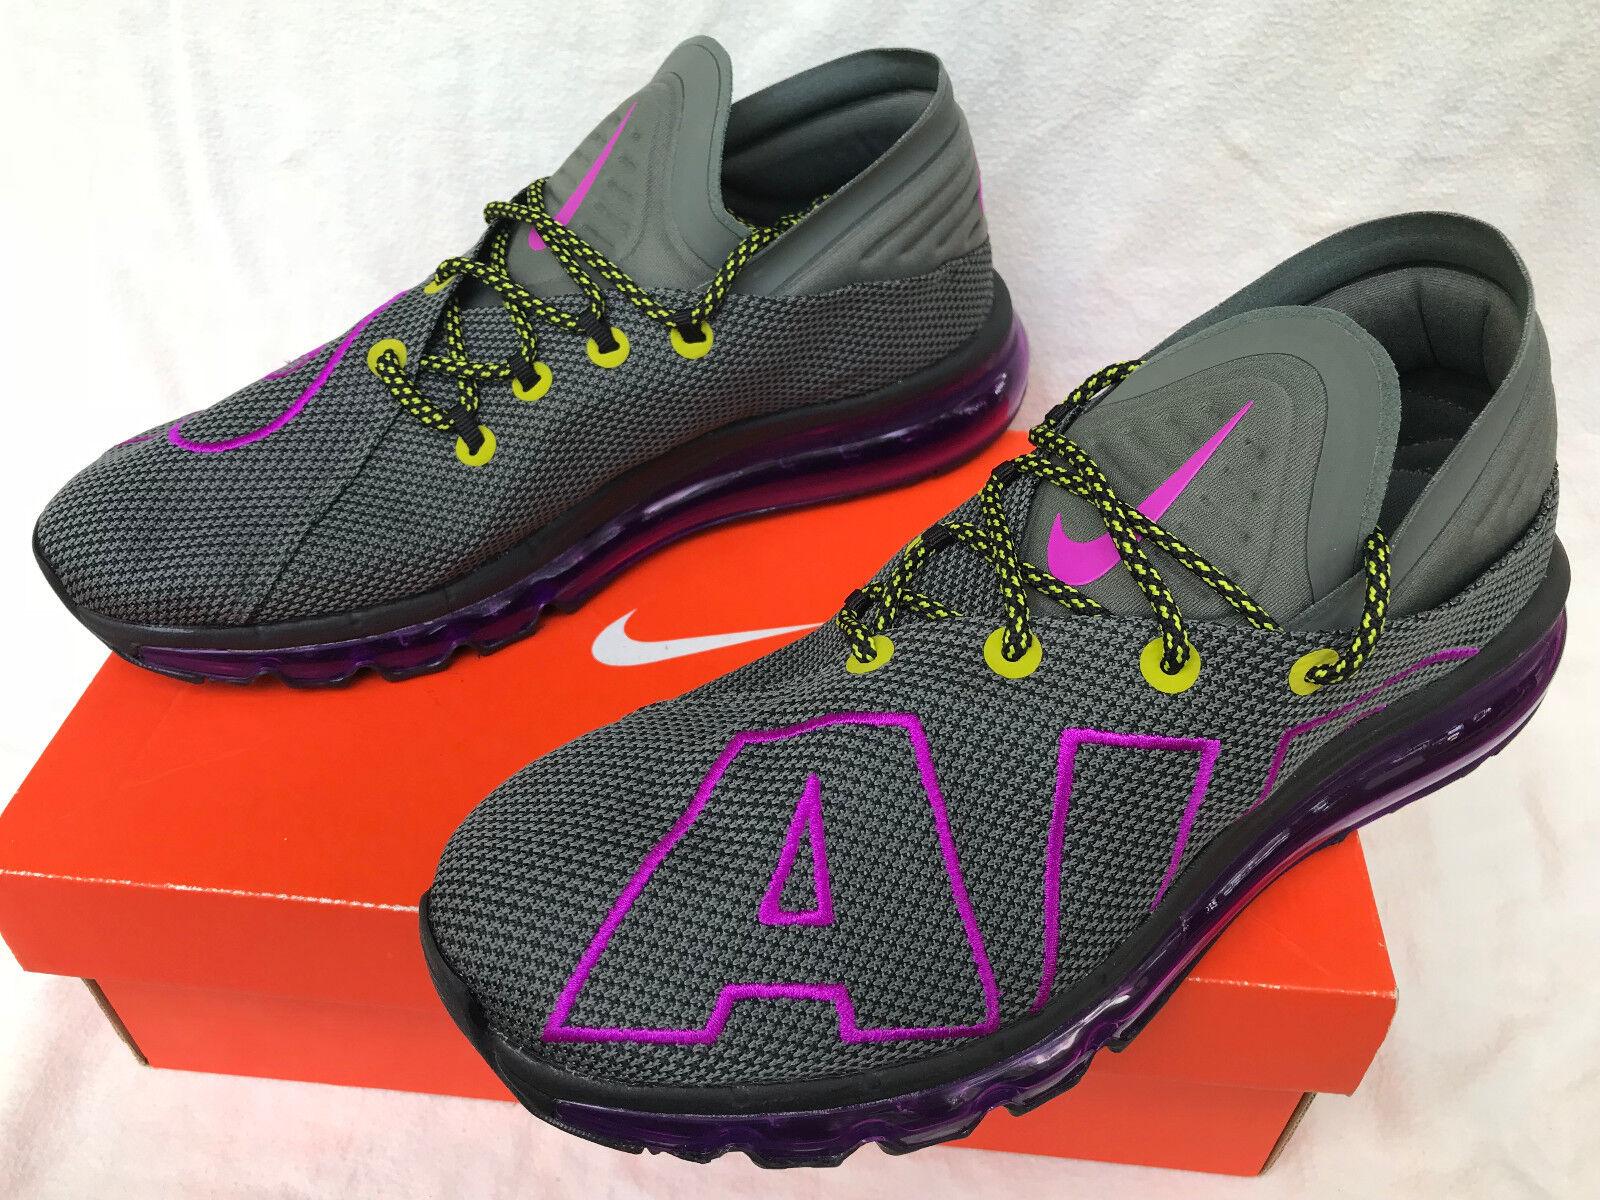 Nike Air Max Flair Uptempo AH9711-001 Gray 360 Marathon Marathon Marathon Running Shoes Men's 11 7cd5b5